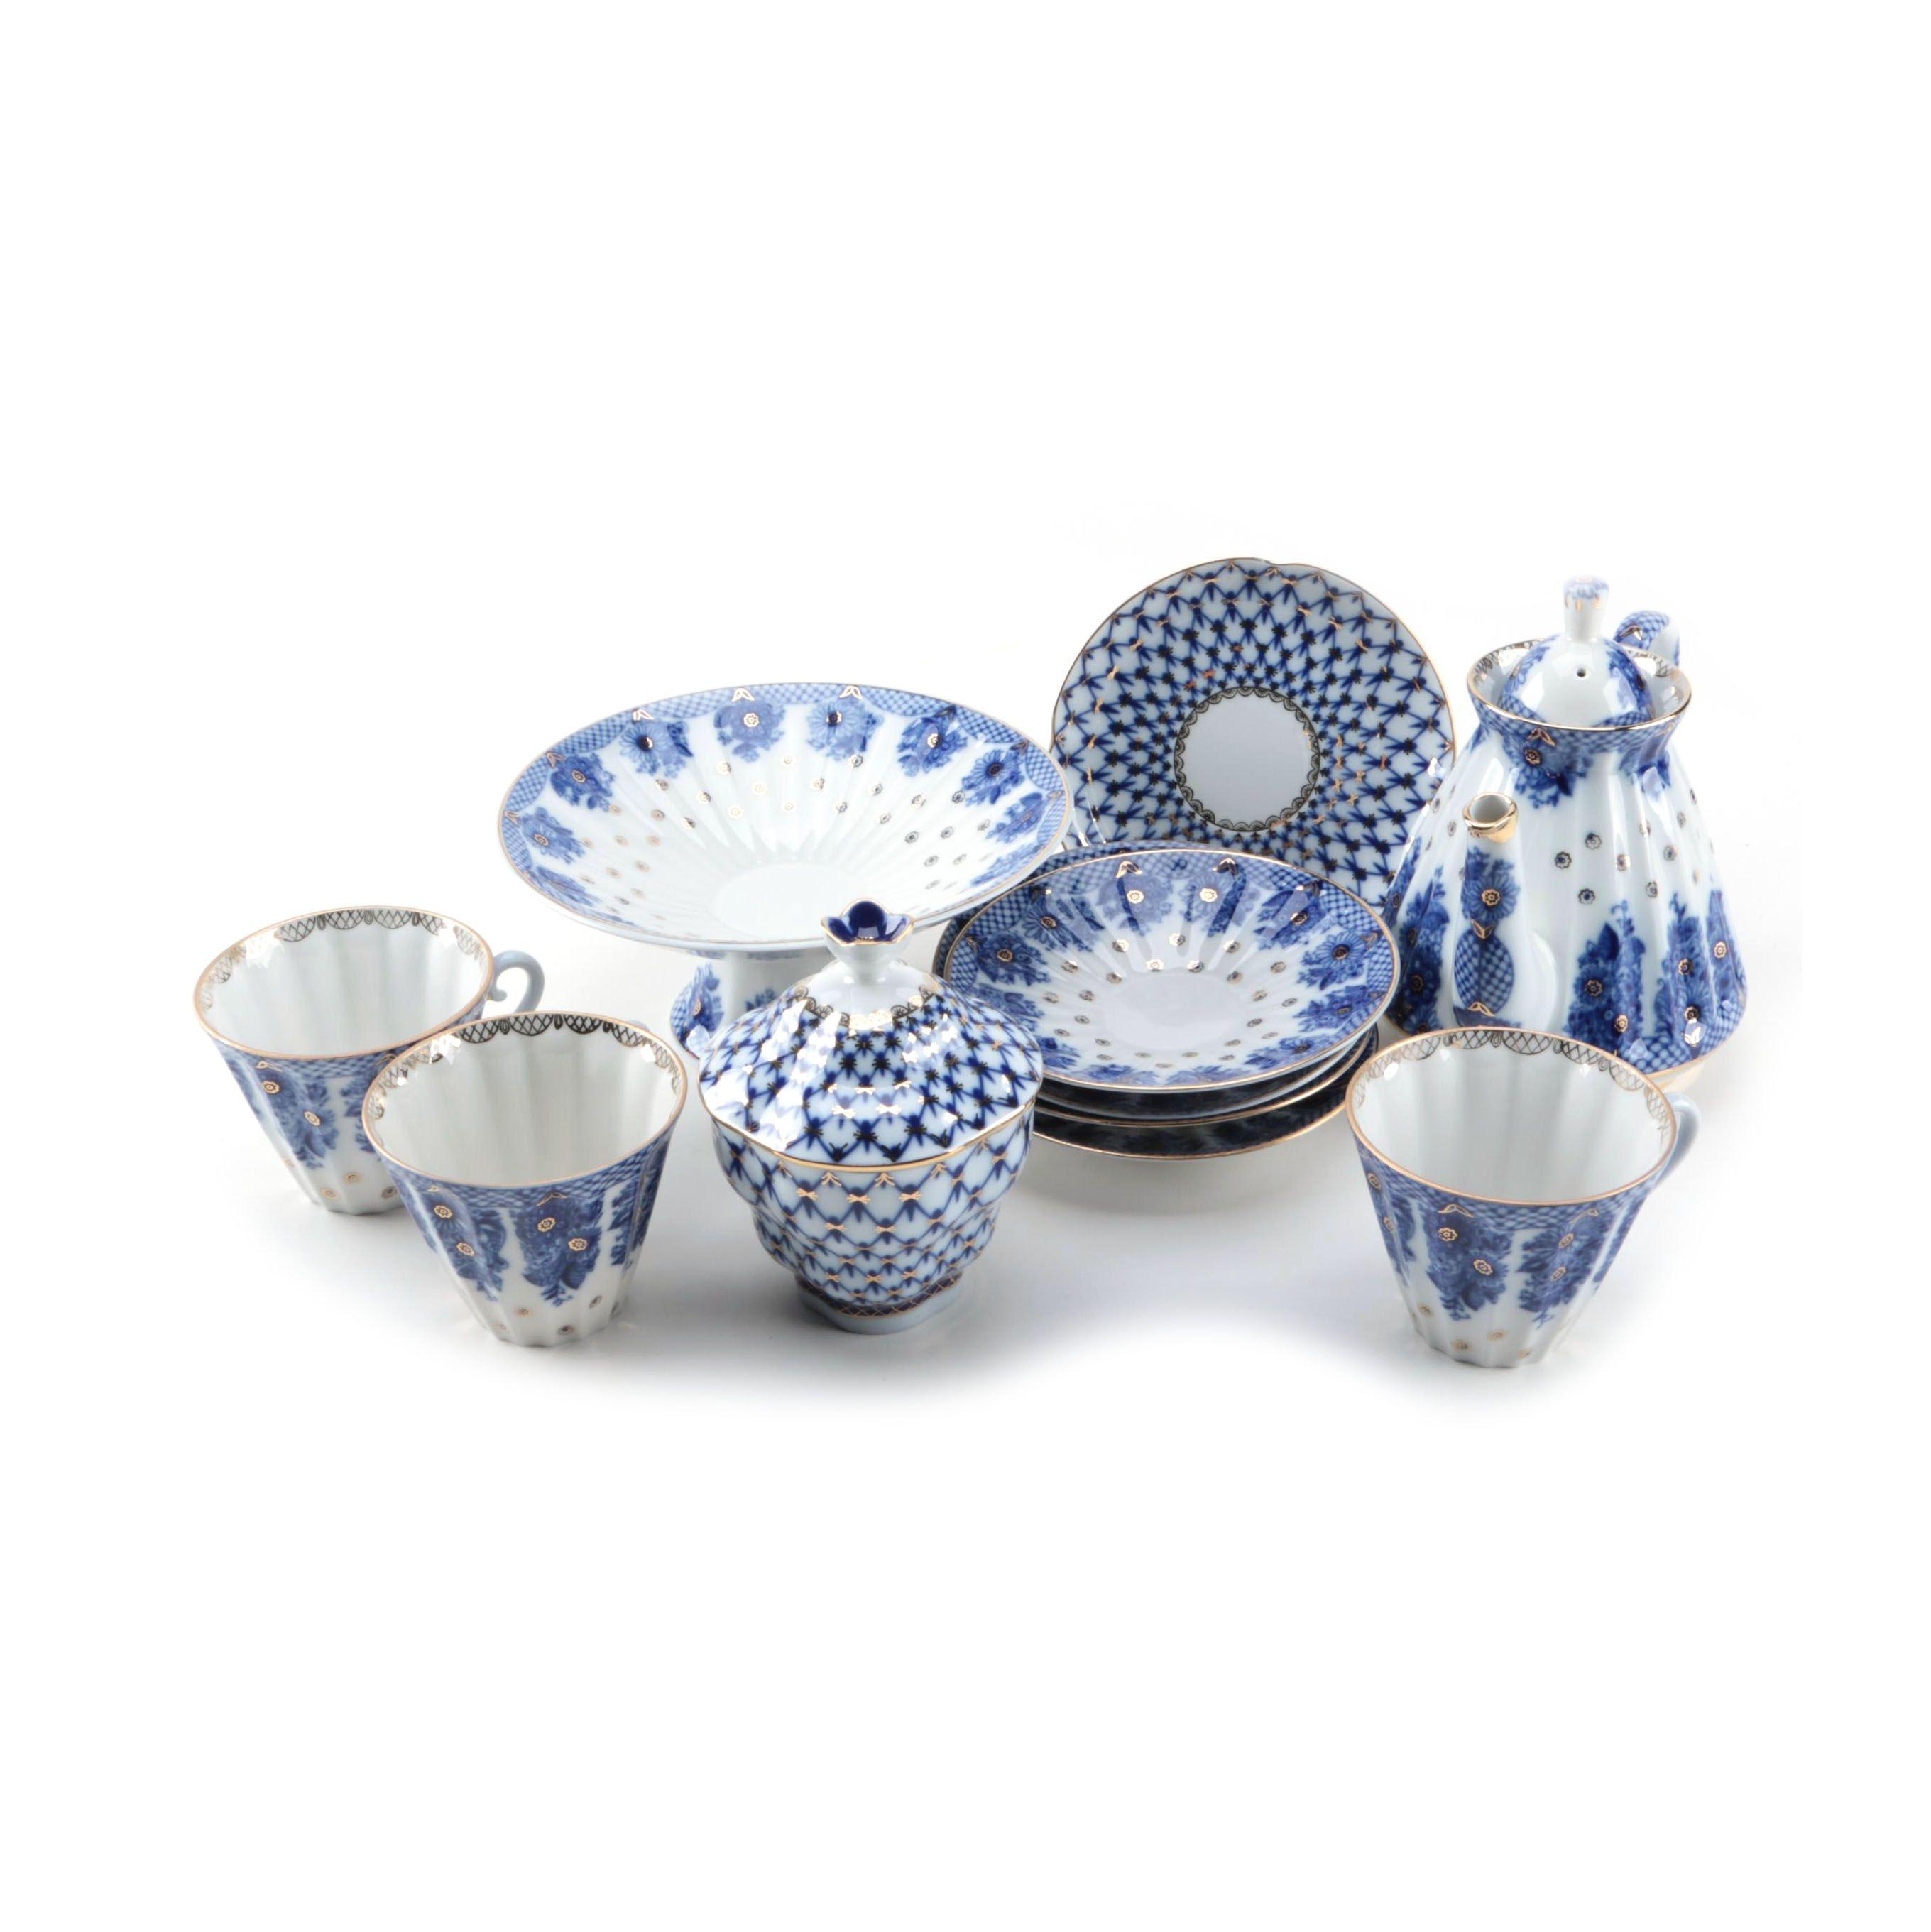 Lomonosov \ Cobalt Net\  and \ Blue Rhapsody\  Russian Porcelain Tableware ...  sc 1 st  EBTH.com & Lomonosov \